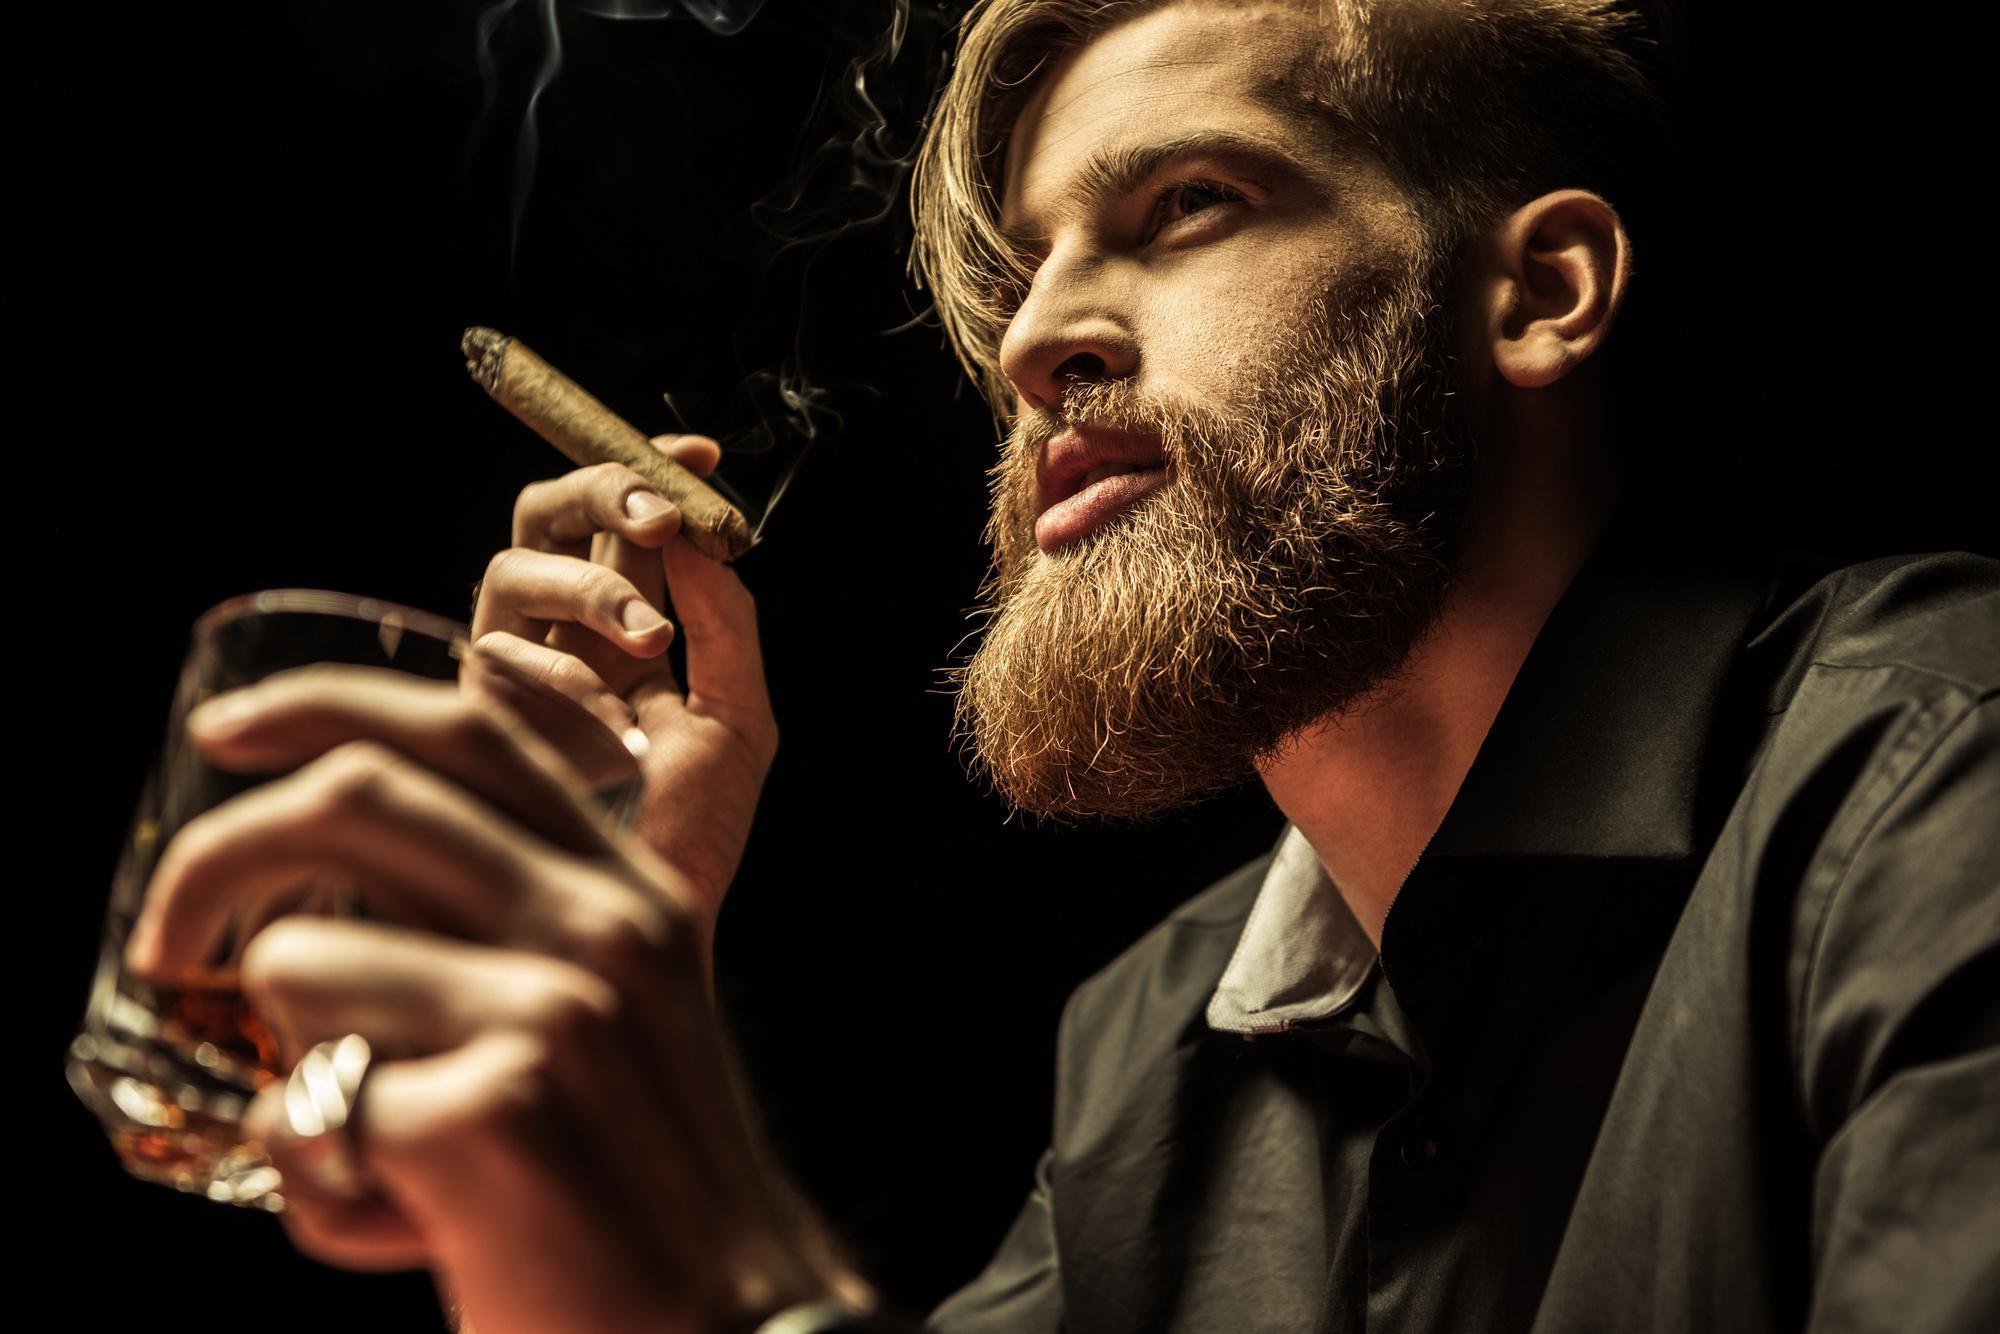 Мужчина с бородой и сигарой